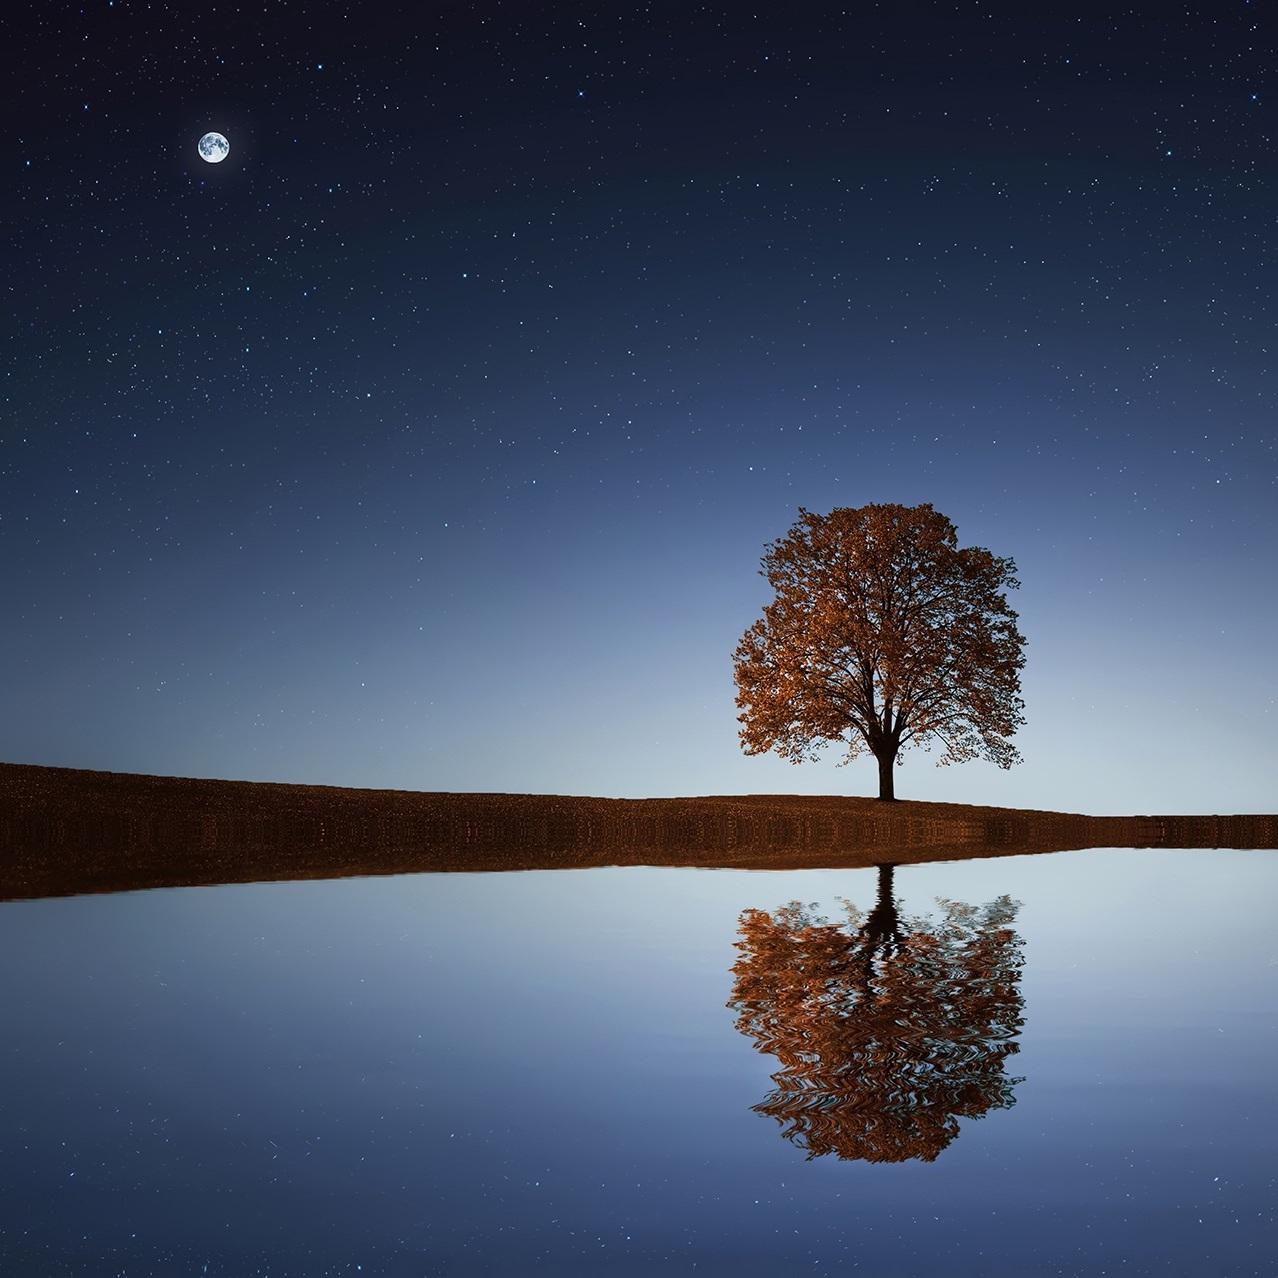 tree-lake-moon copy.jpeg